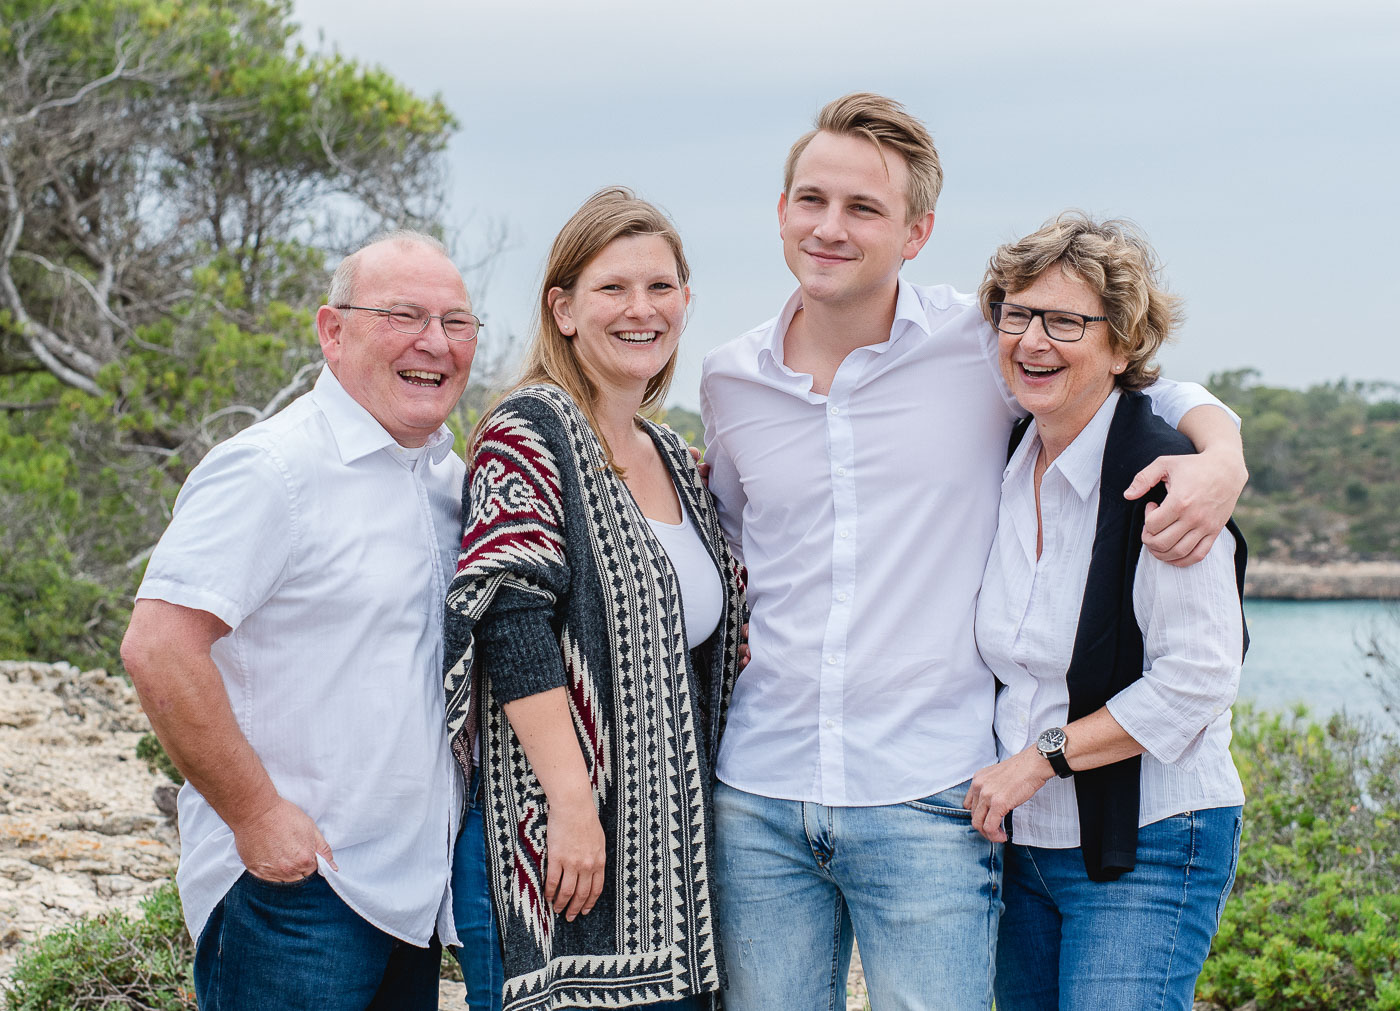 Familienfotos am Meer